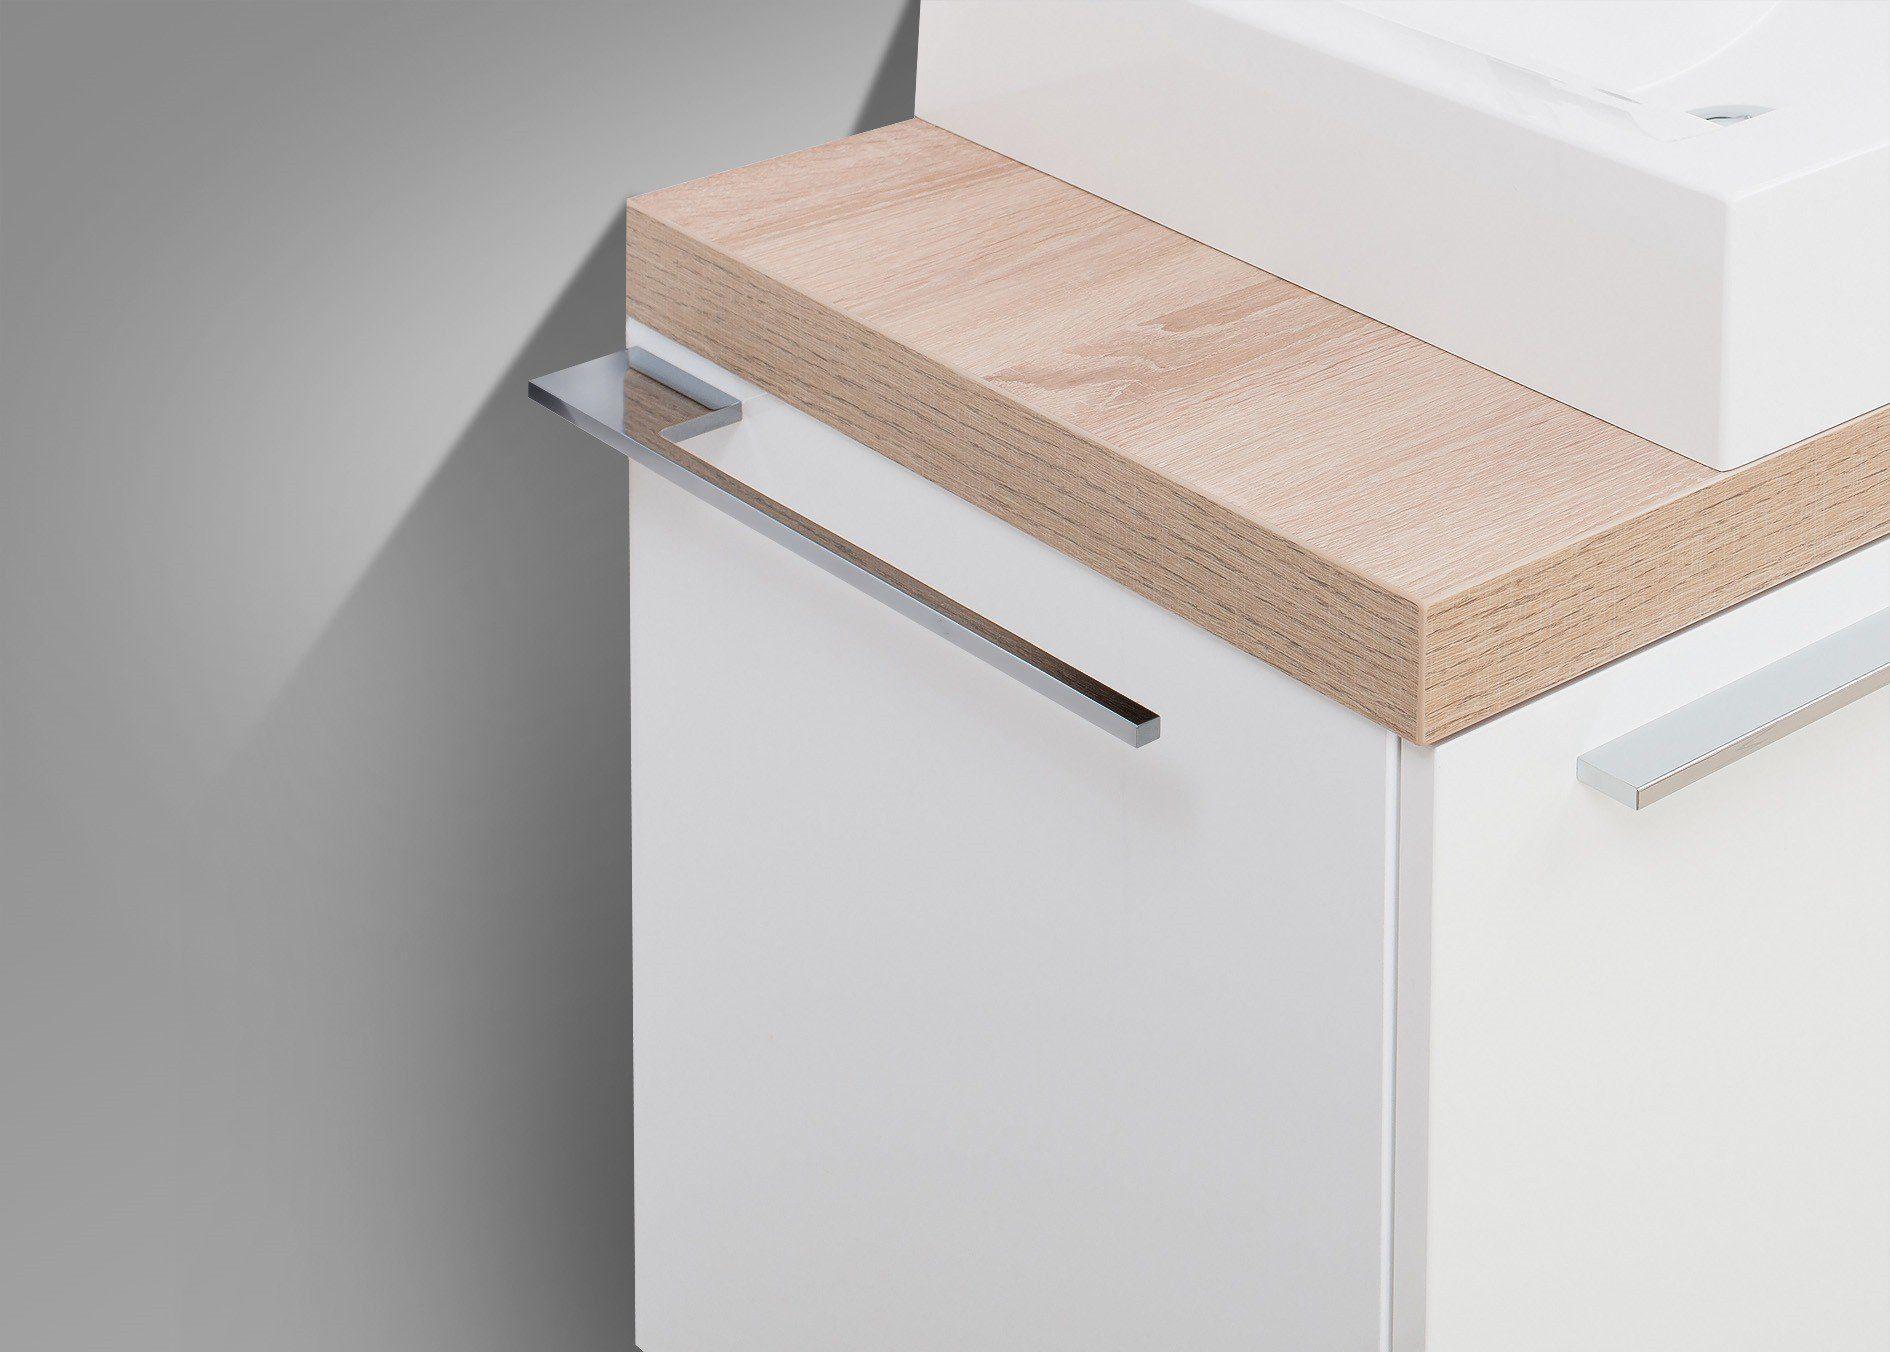 Handtuchhalter Bad Chrom Handtuchreling Design Bad Accessoires